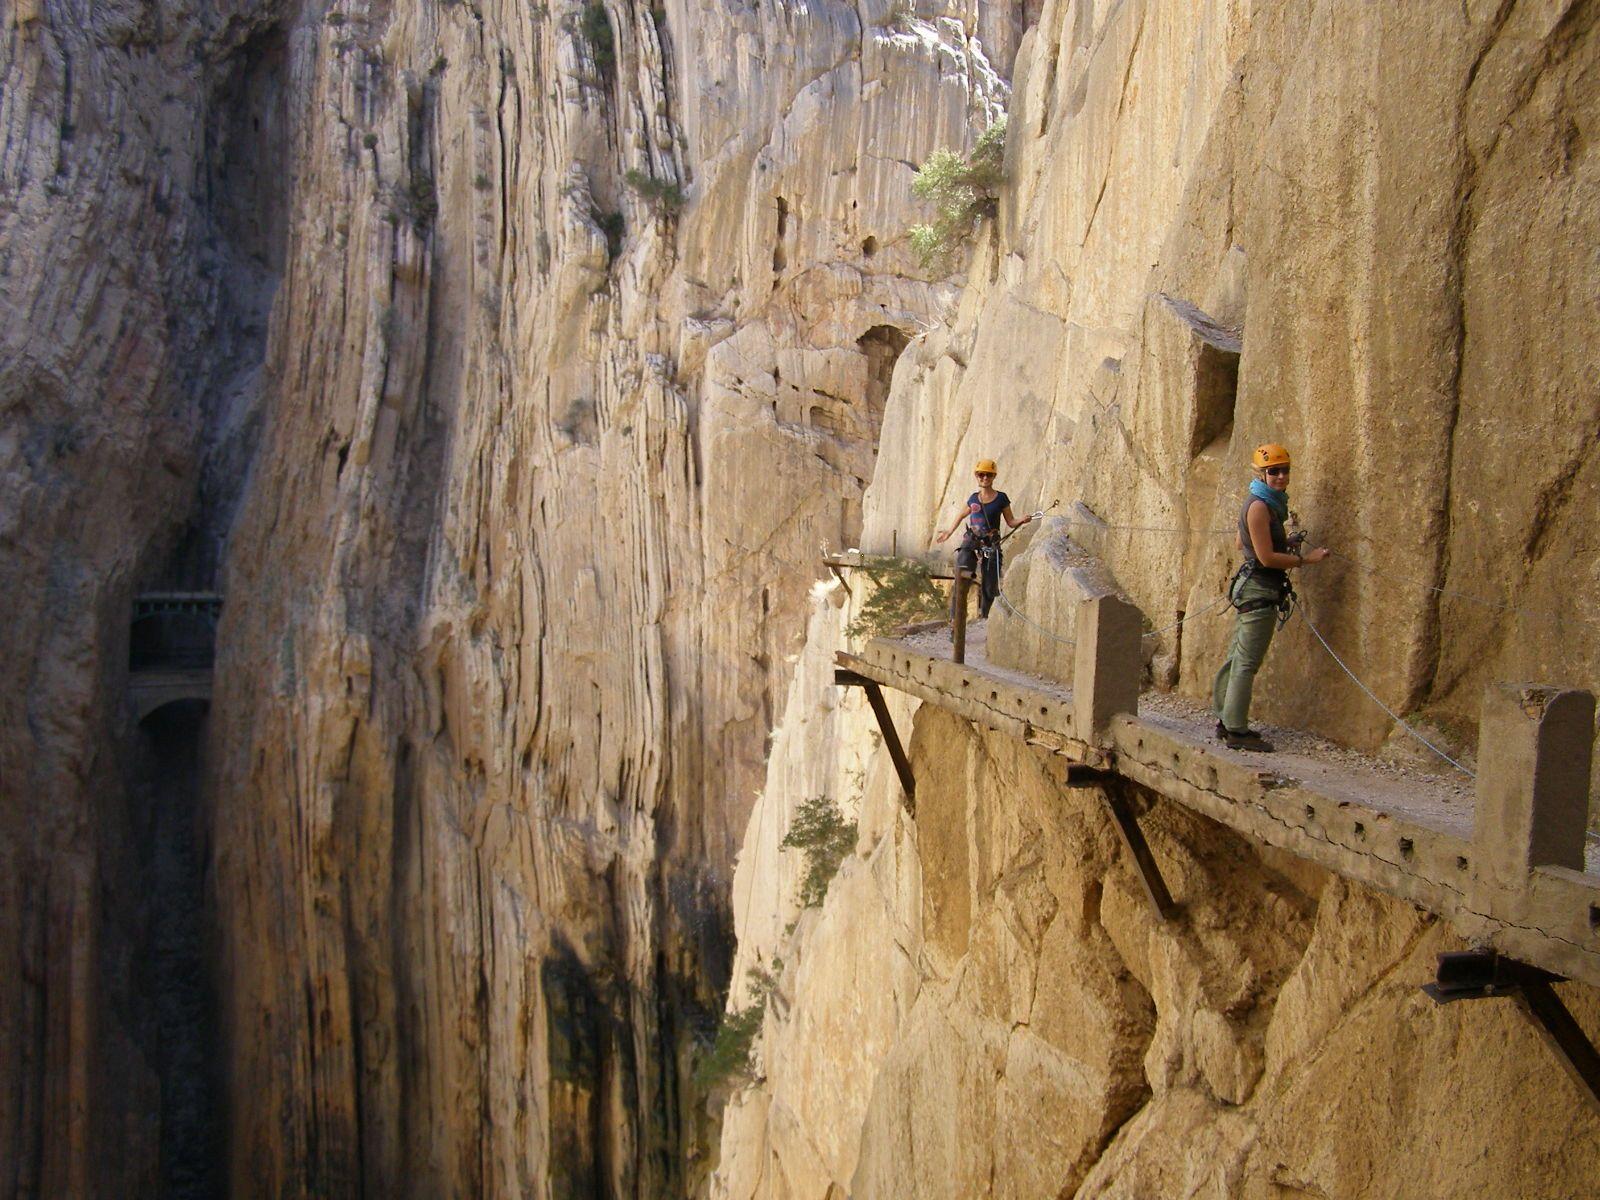 Klettersteig Caminito Del Rey : El caminito del rey @ malaga spain places i must go!! pinterest